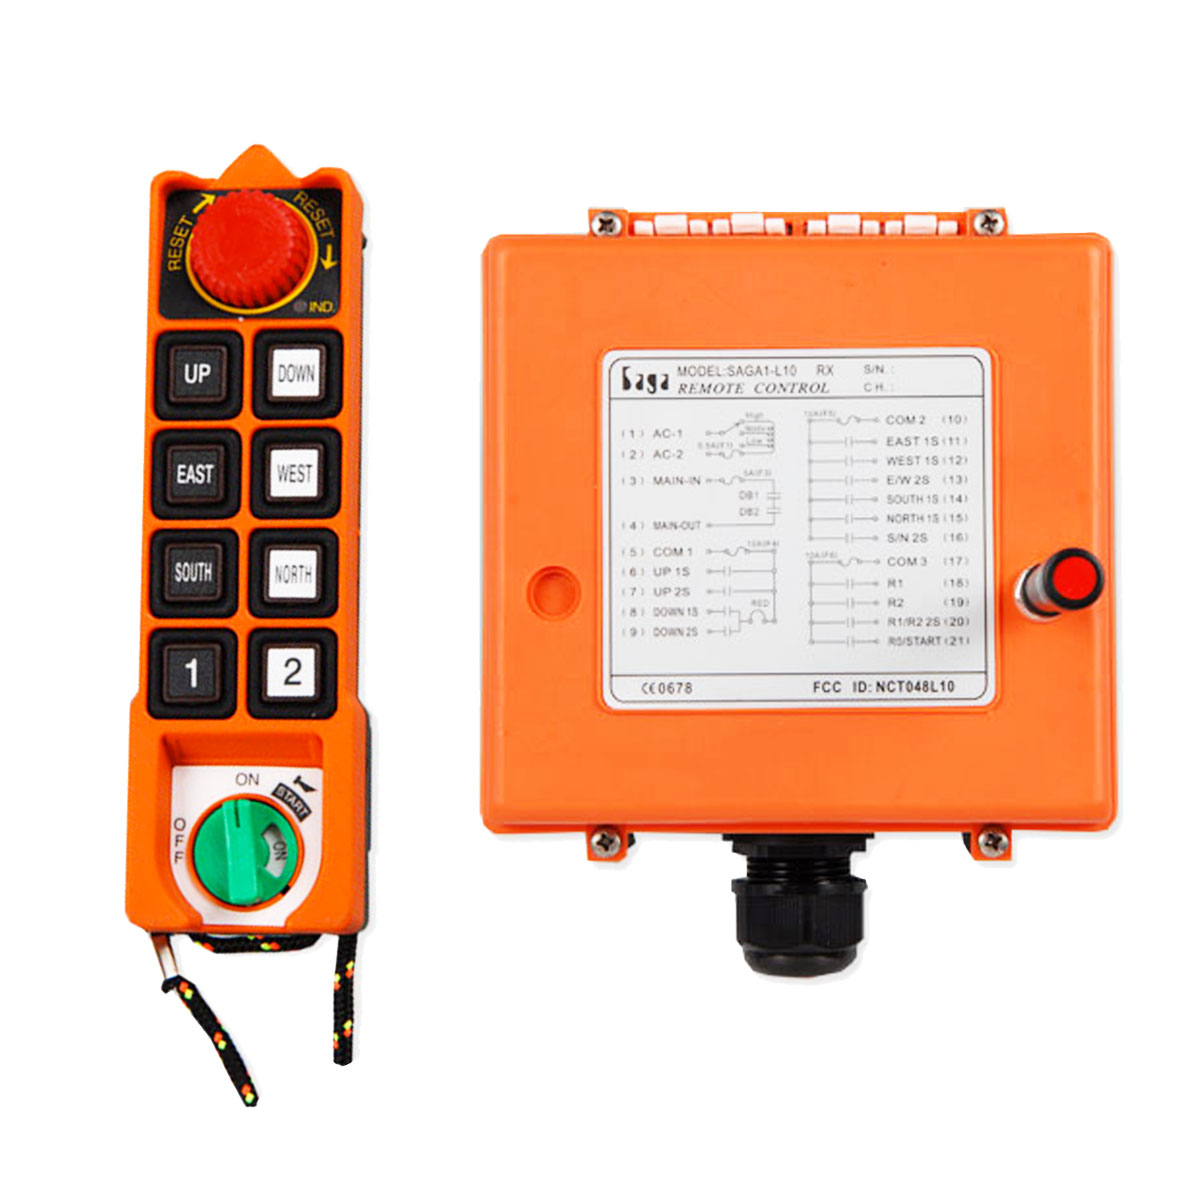 Radiocommande et récepteur Falard L10 et L10-1